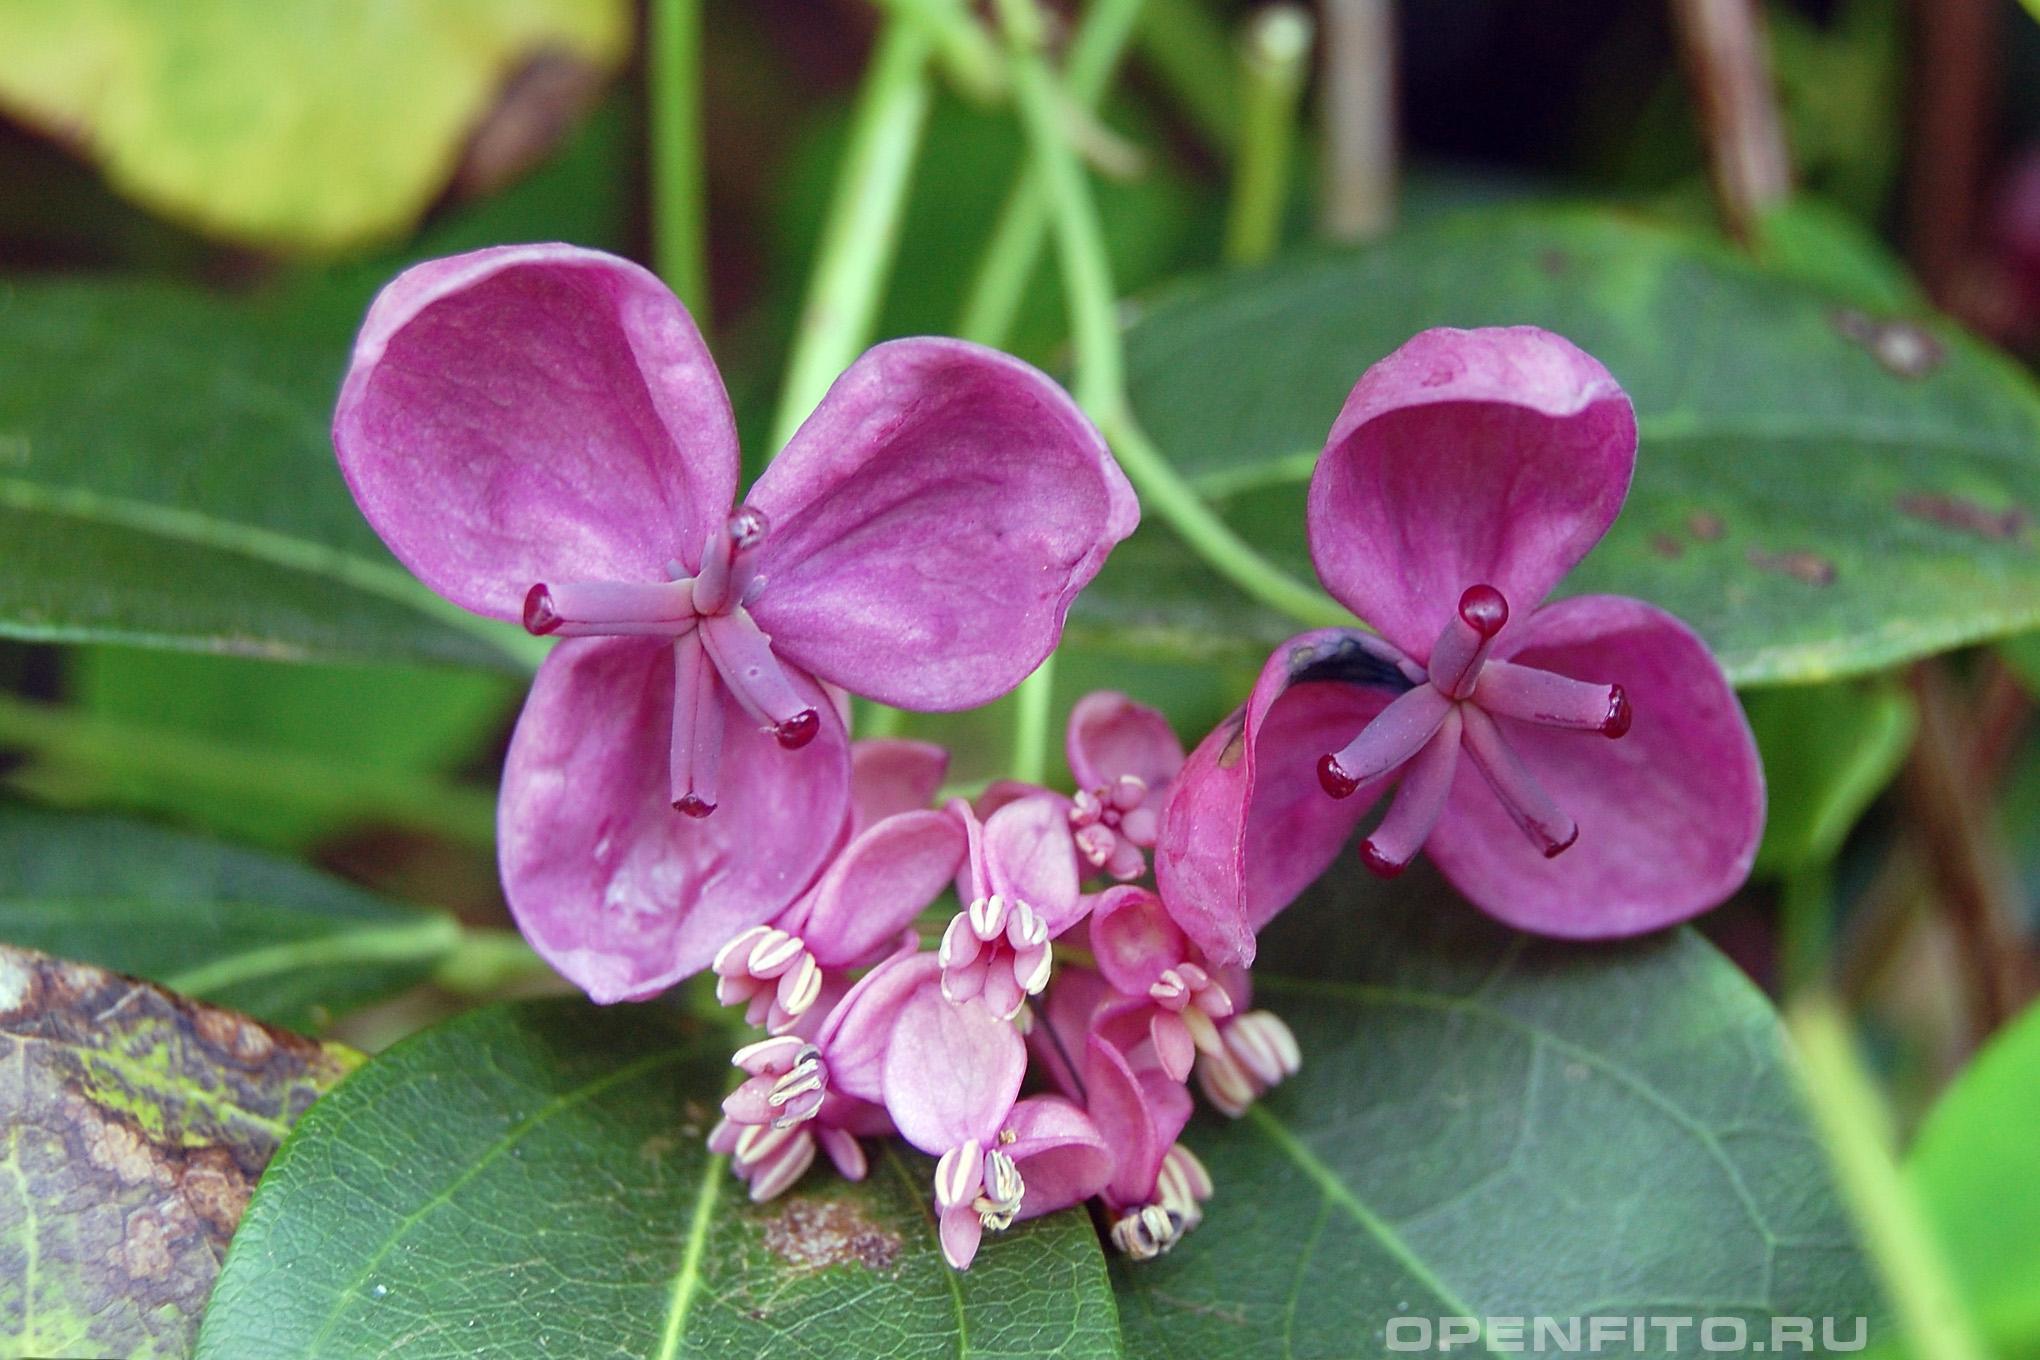 Акебия пятерная или акебия пятилисточковая